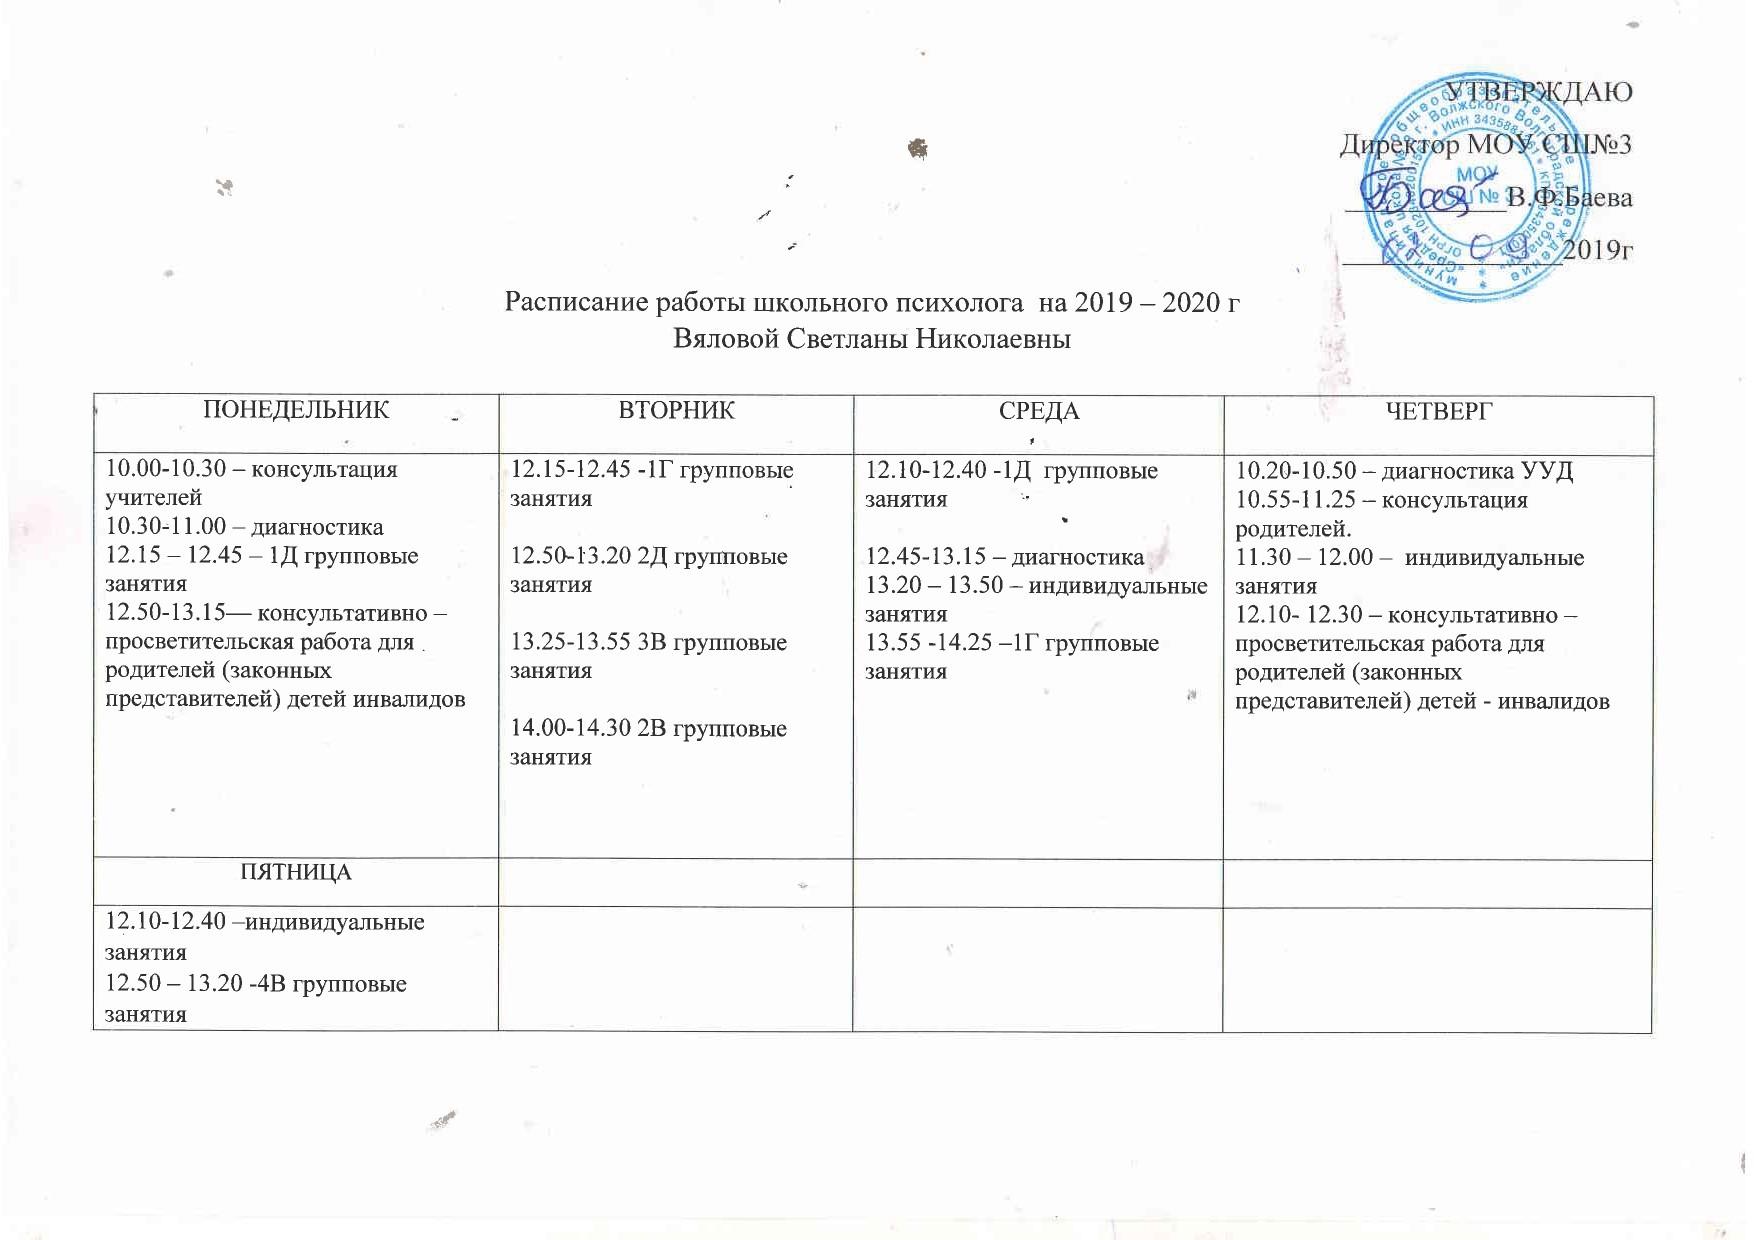 Расписание работы педагогов-психологов в МОУ СШ № 3